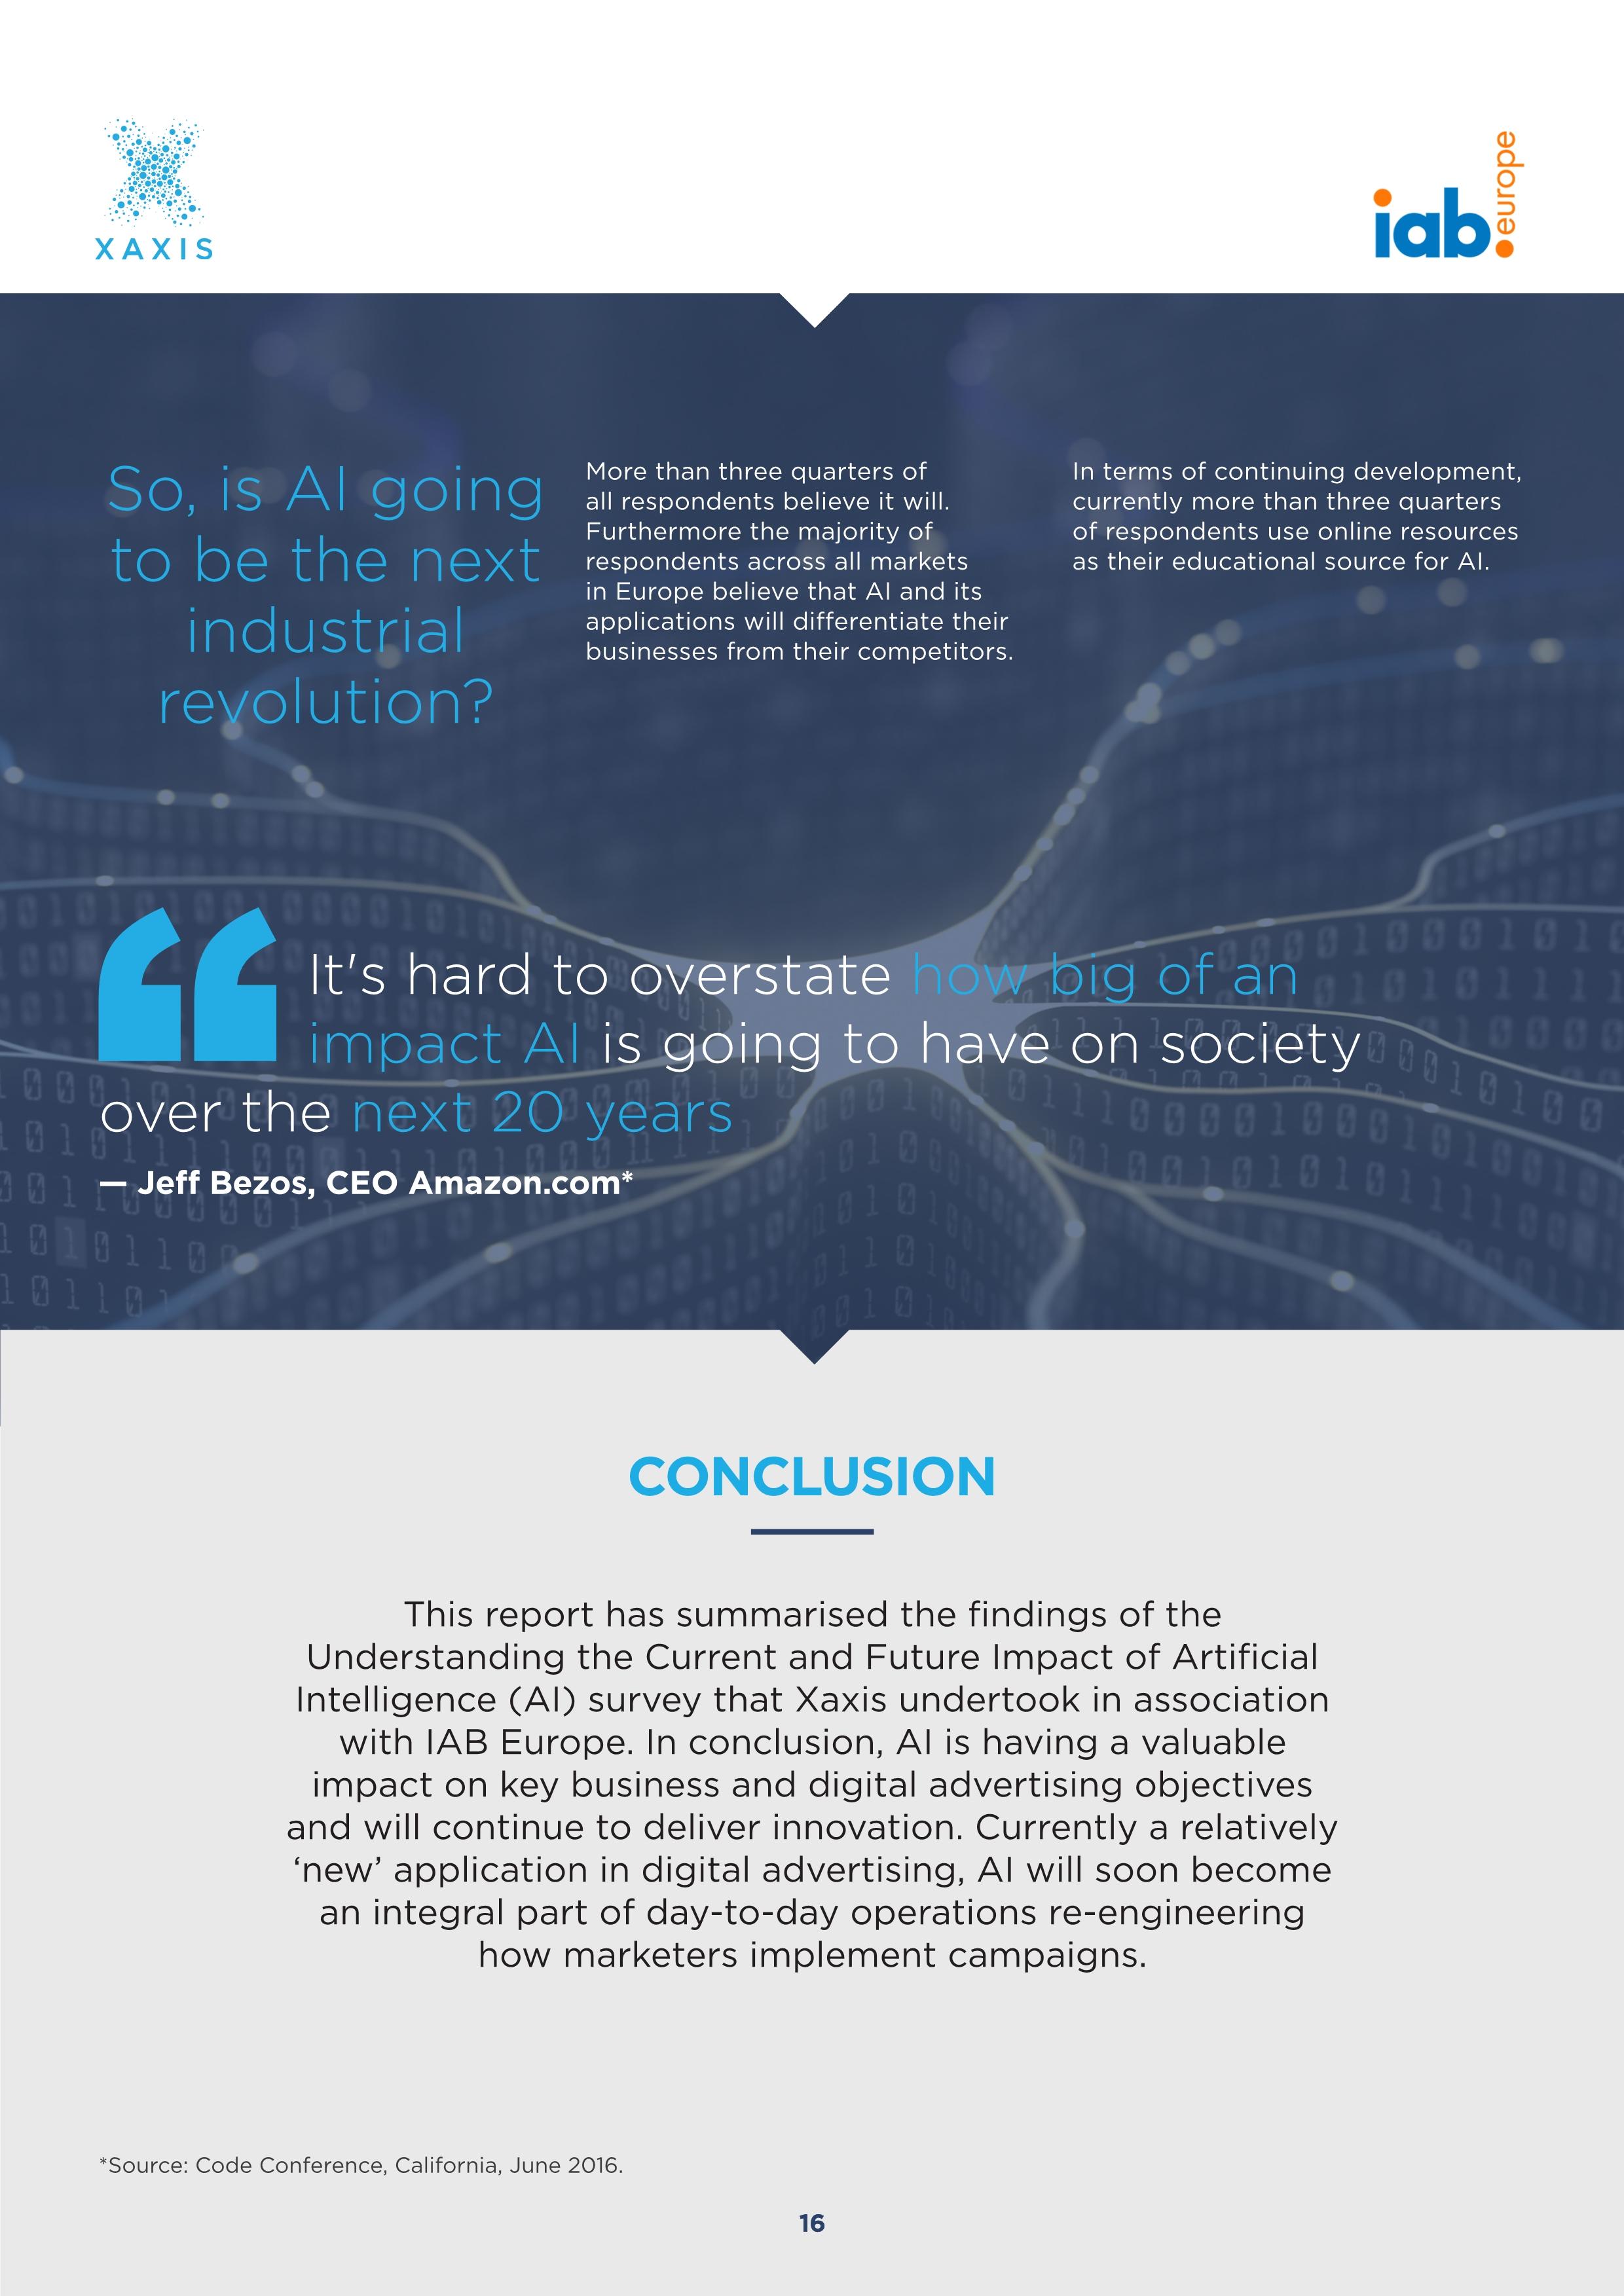 人工智能报告:网络广告世界的神话与现实